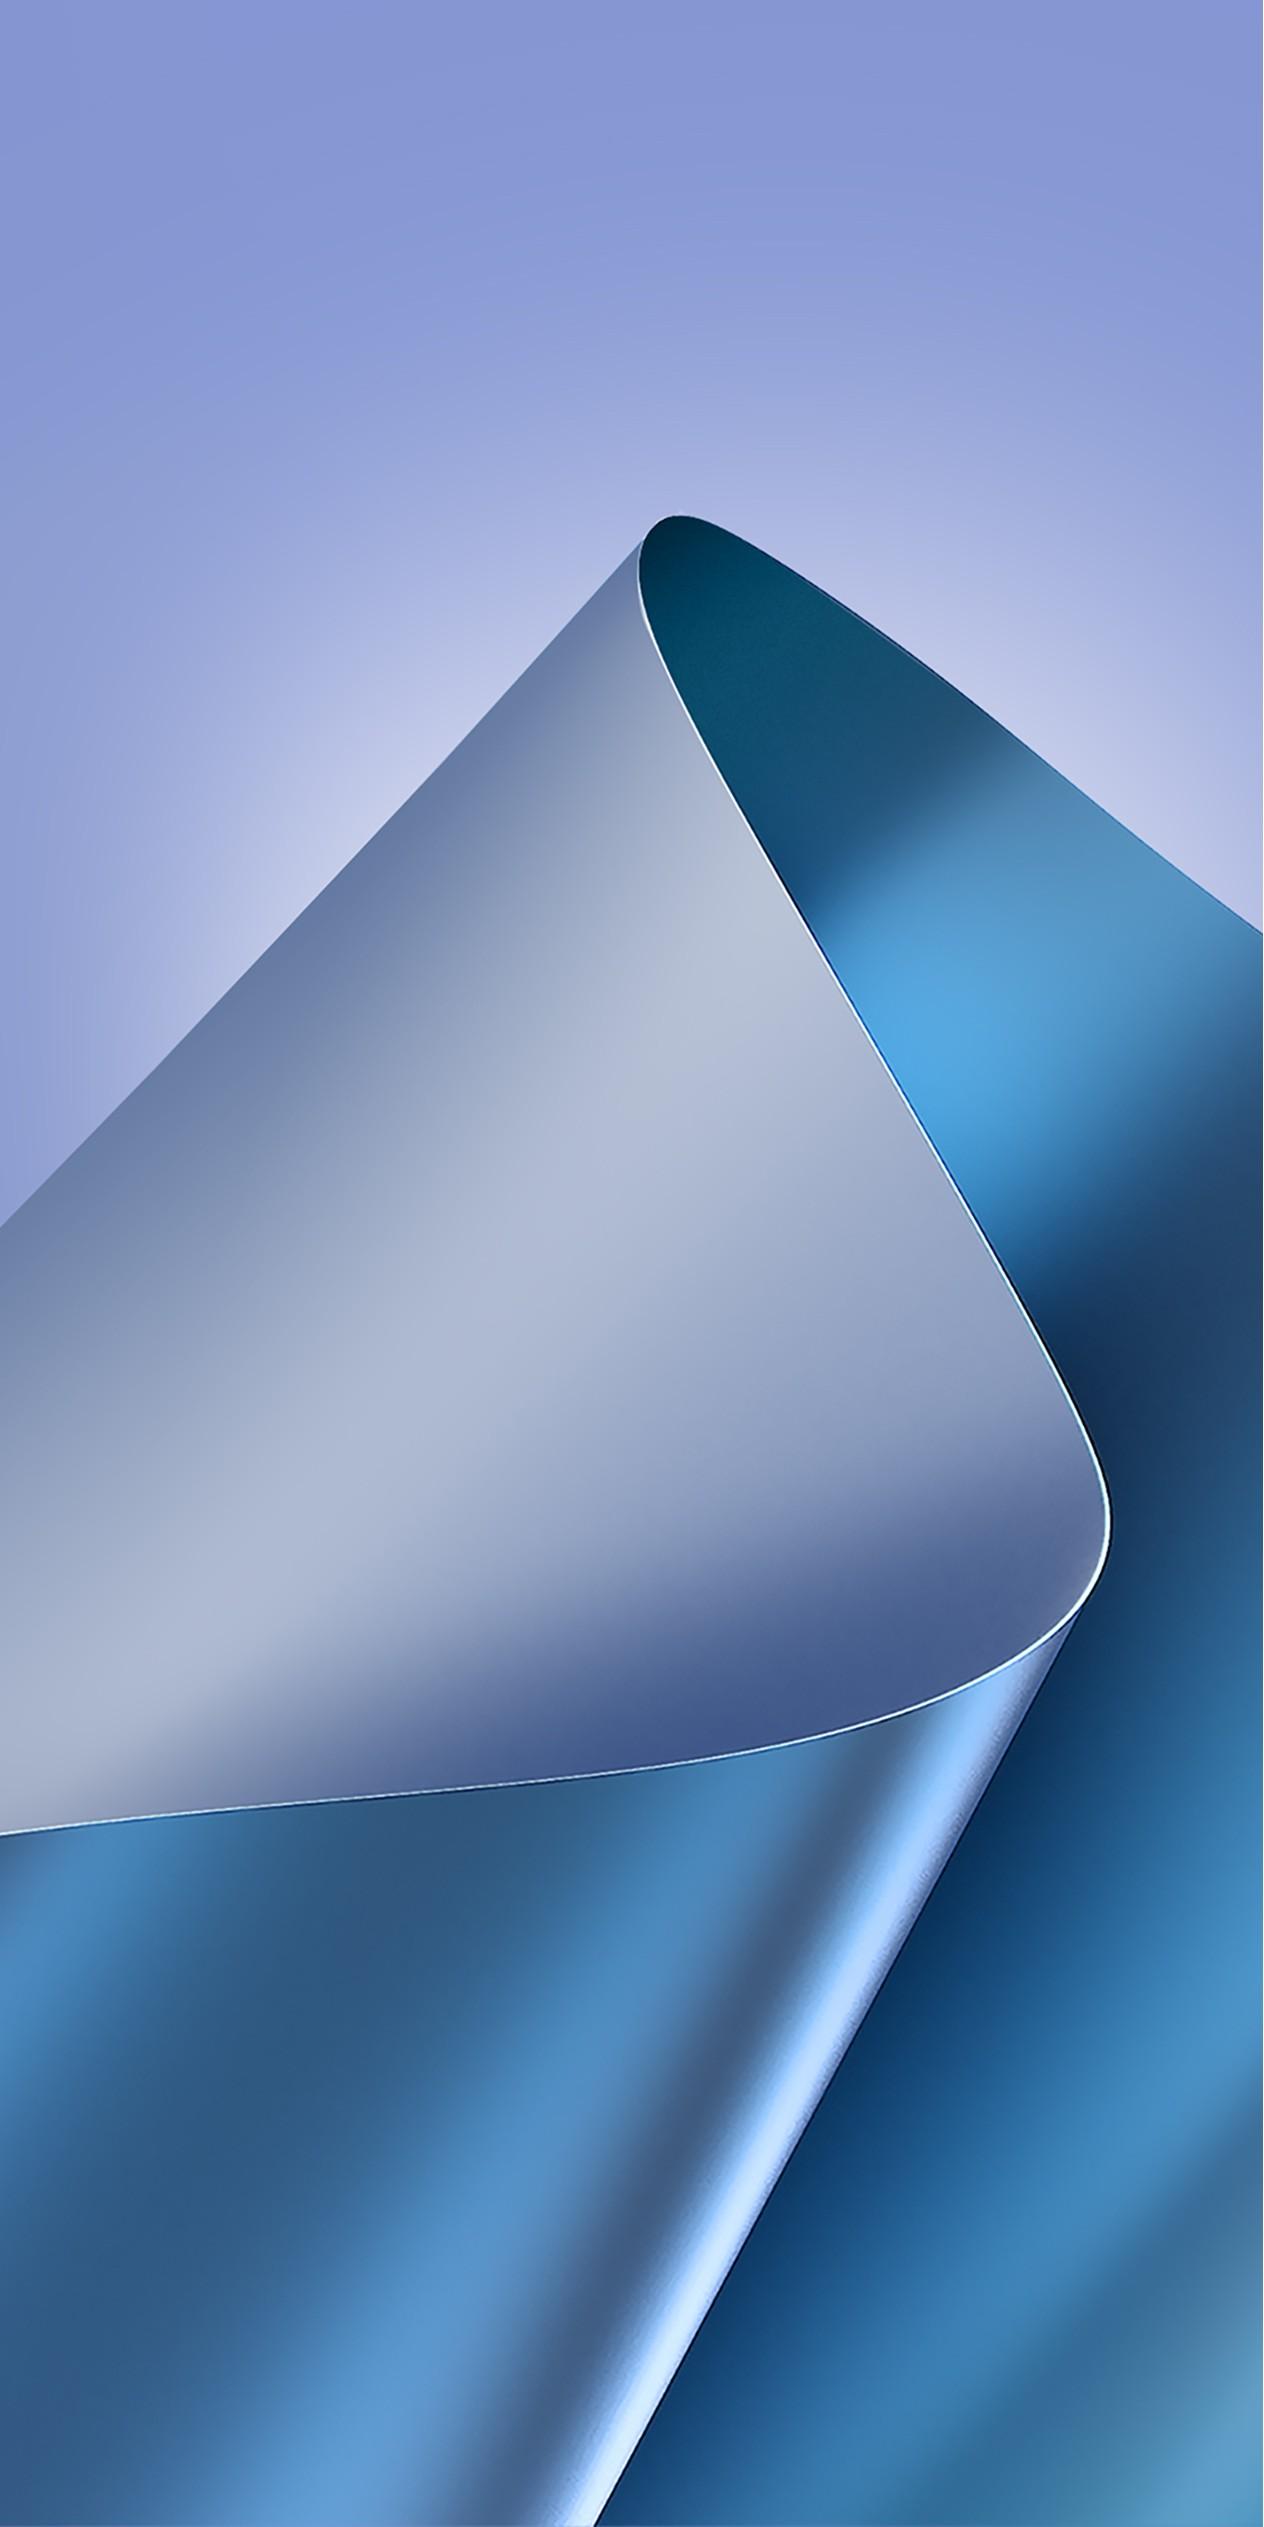 Asus Zenfone 5 Lite Stock Wallpaper 17 1264x2527 Papel De Parede Samsung Ideias De Papel De Parede Papel De Parede Original